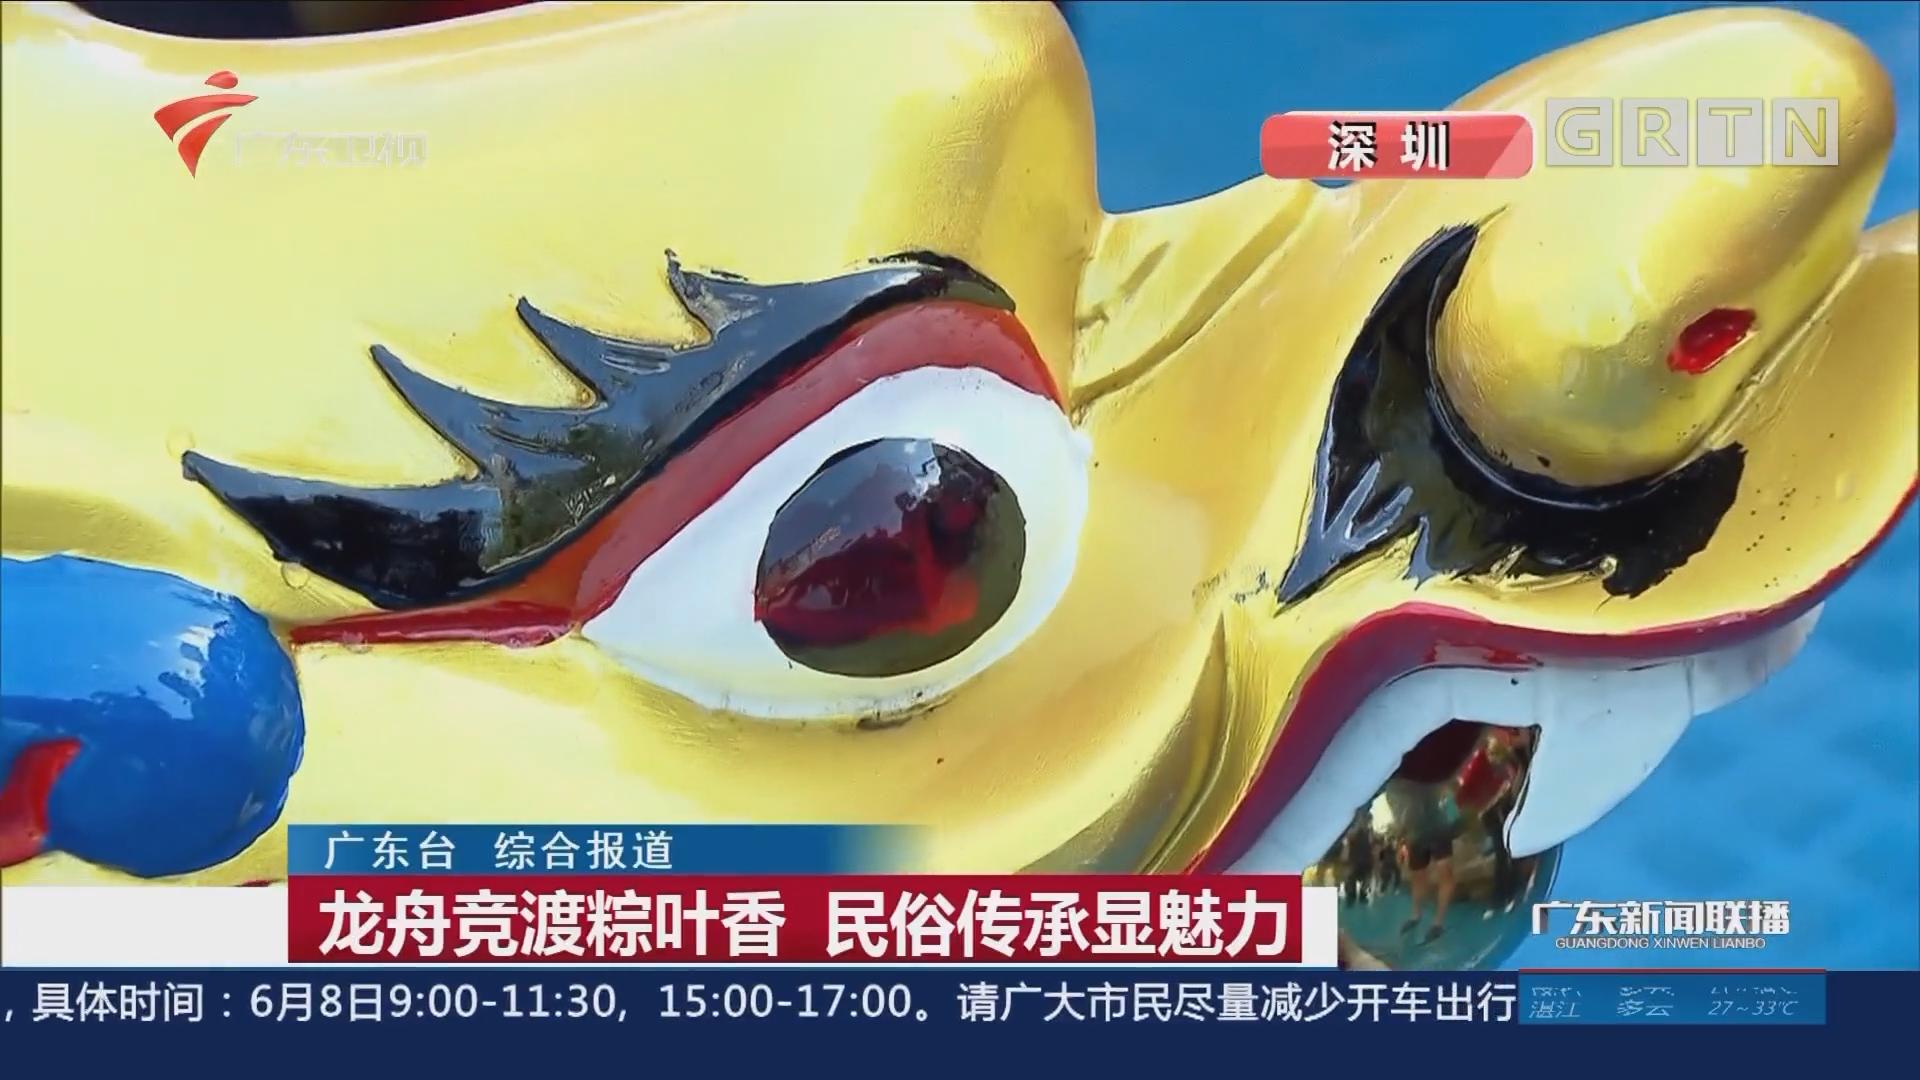 龙舟竞渡粽叶香 民俗传承显魅力